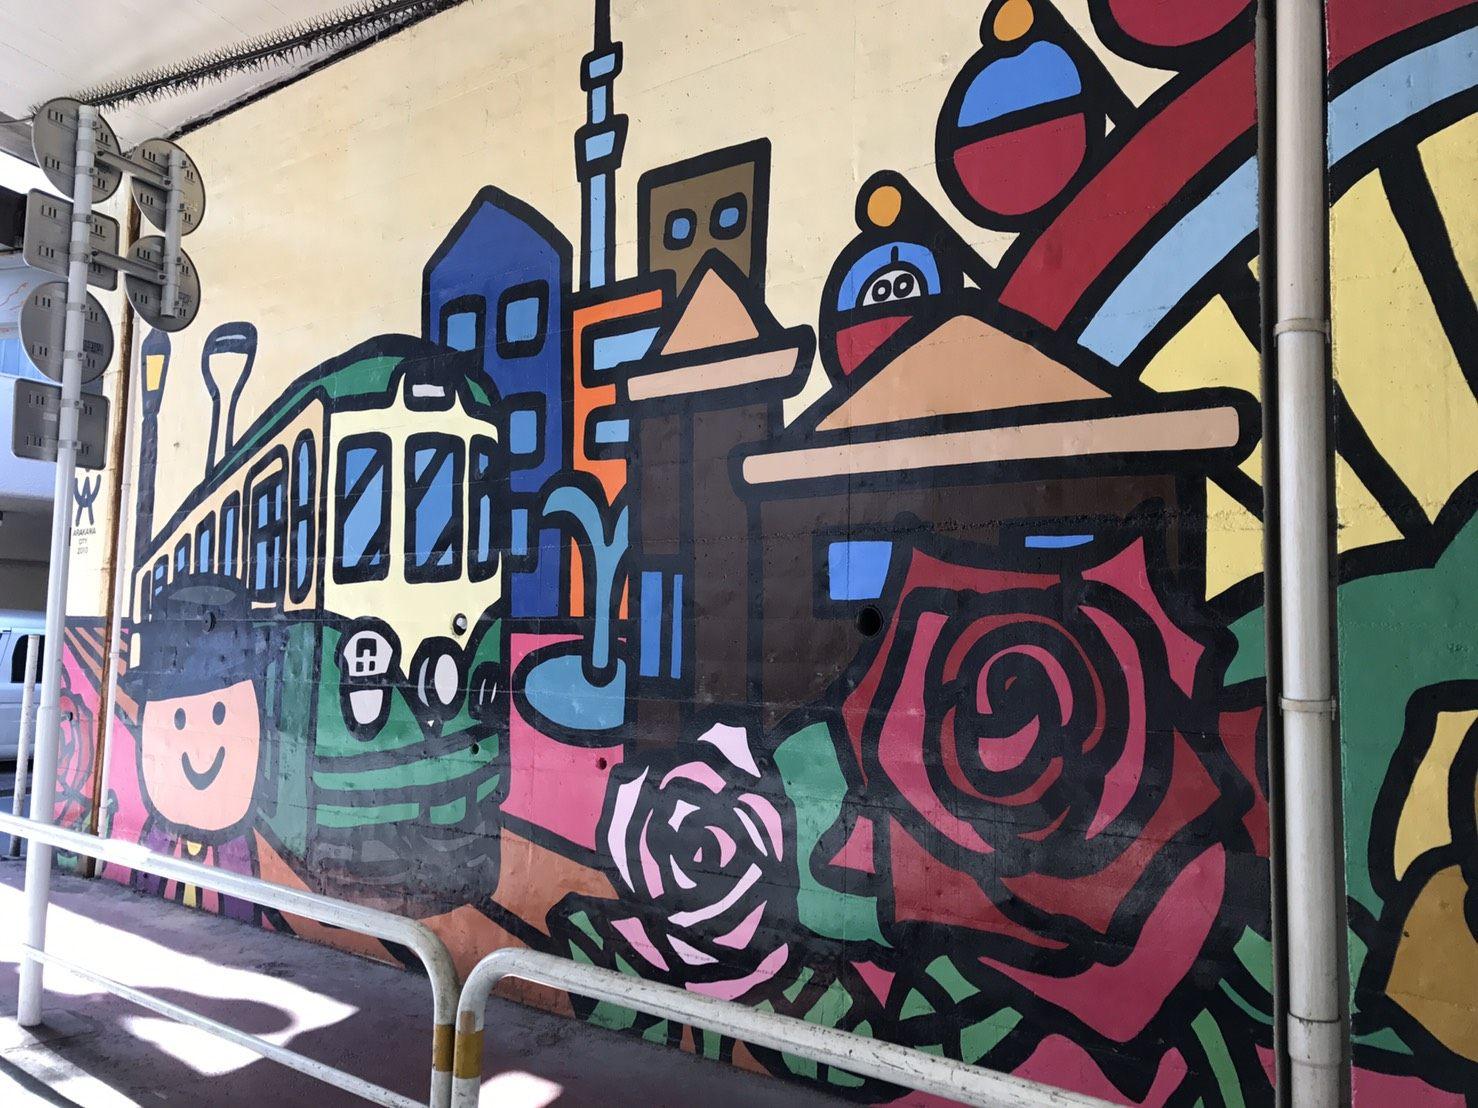 途中的彩绘墙